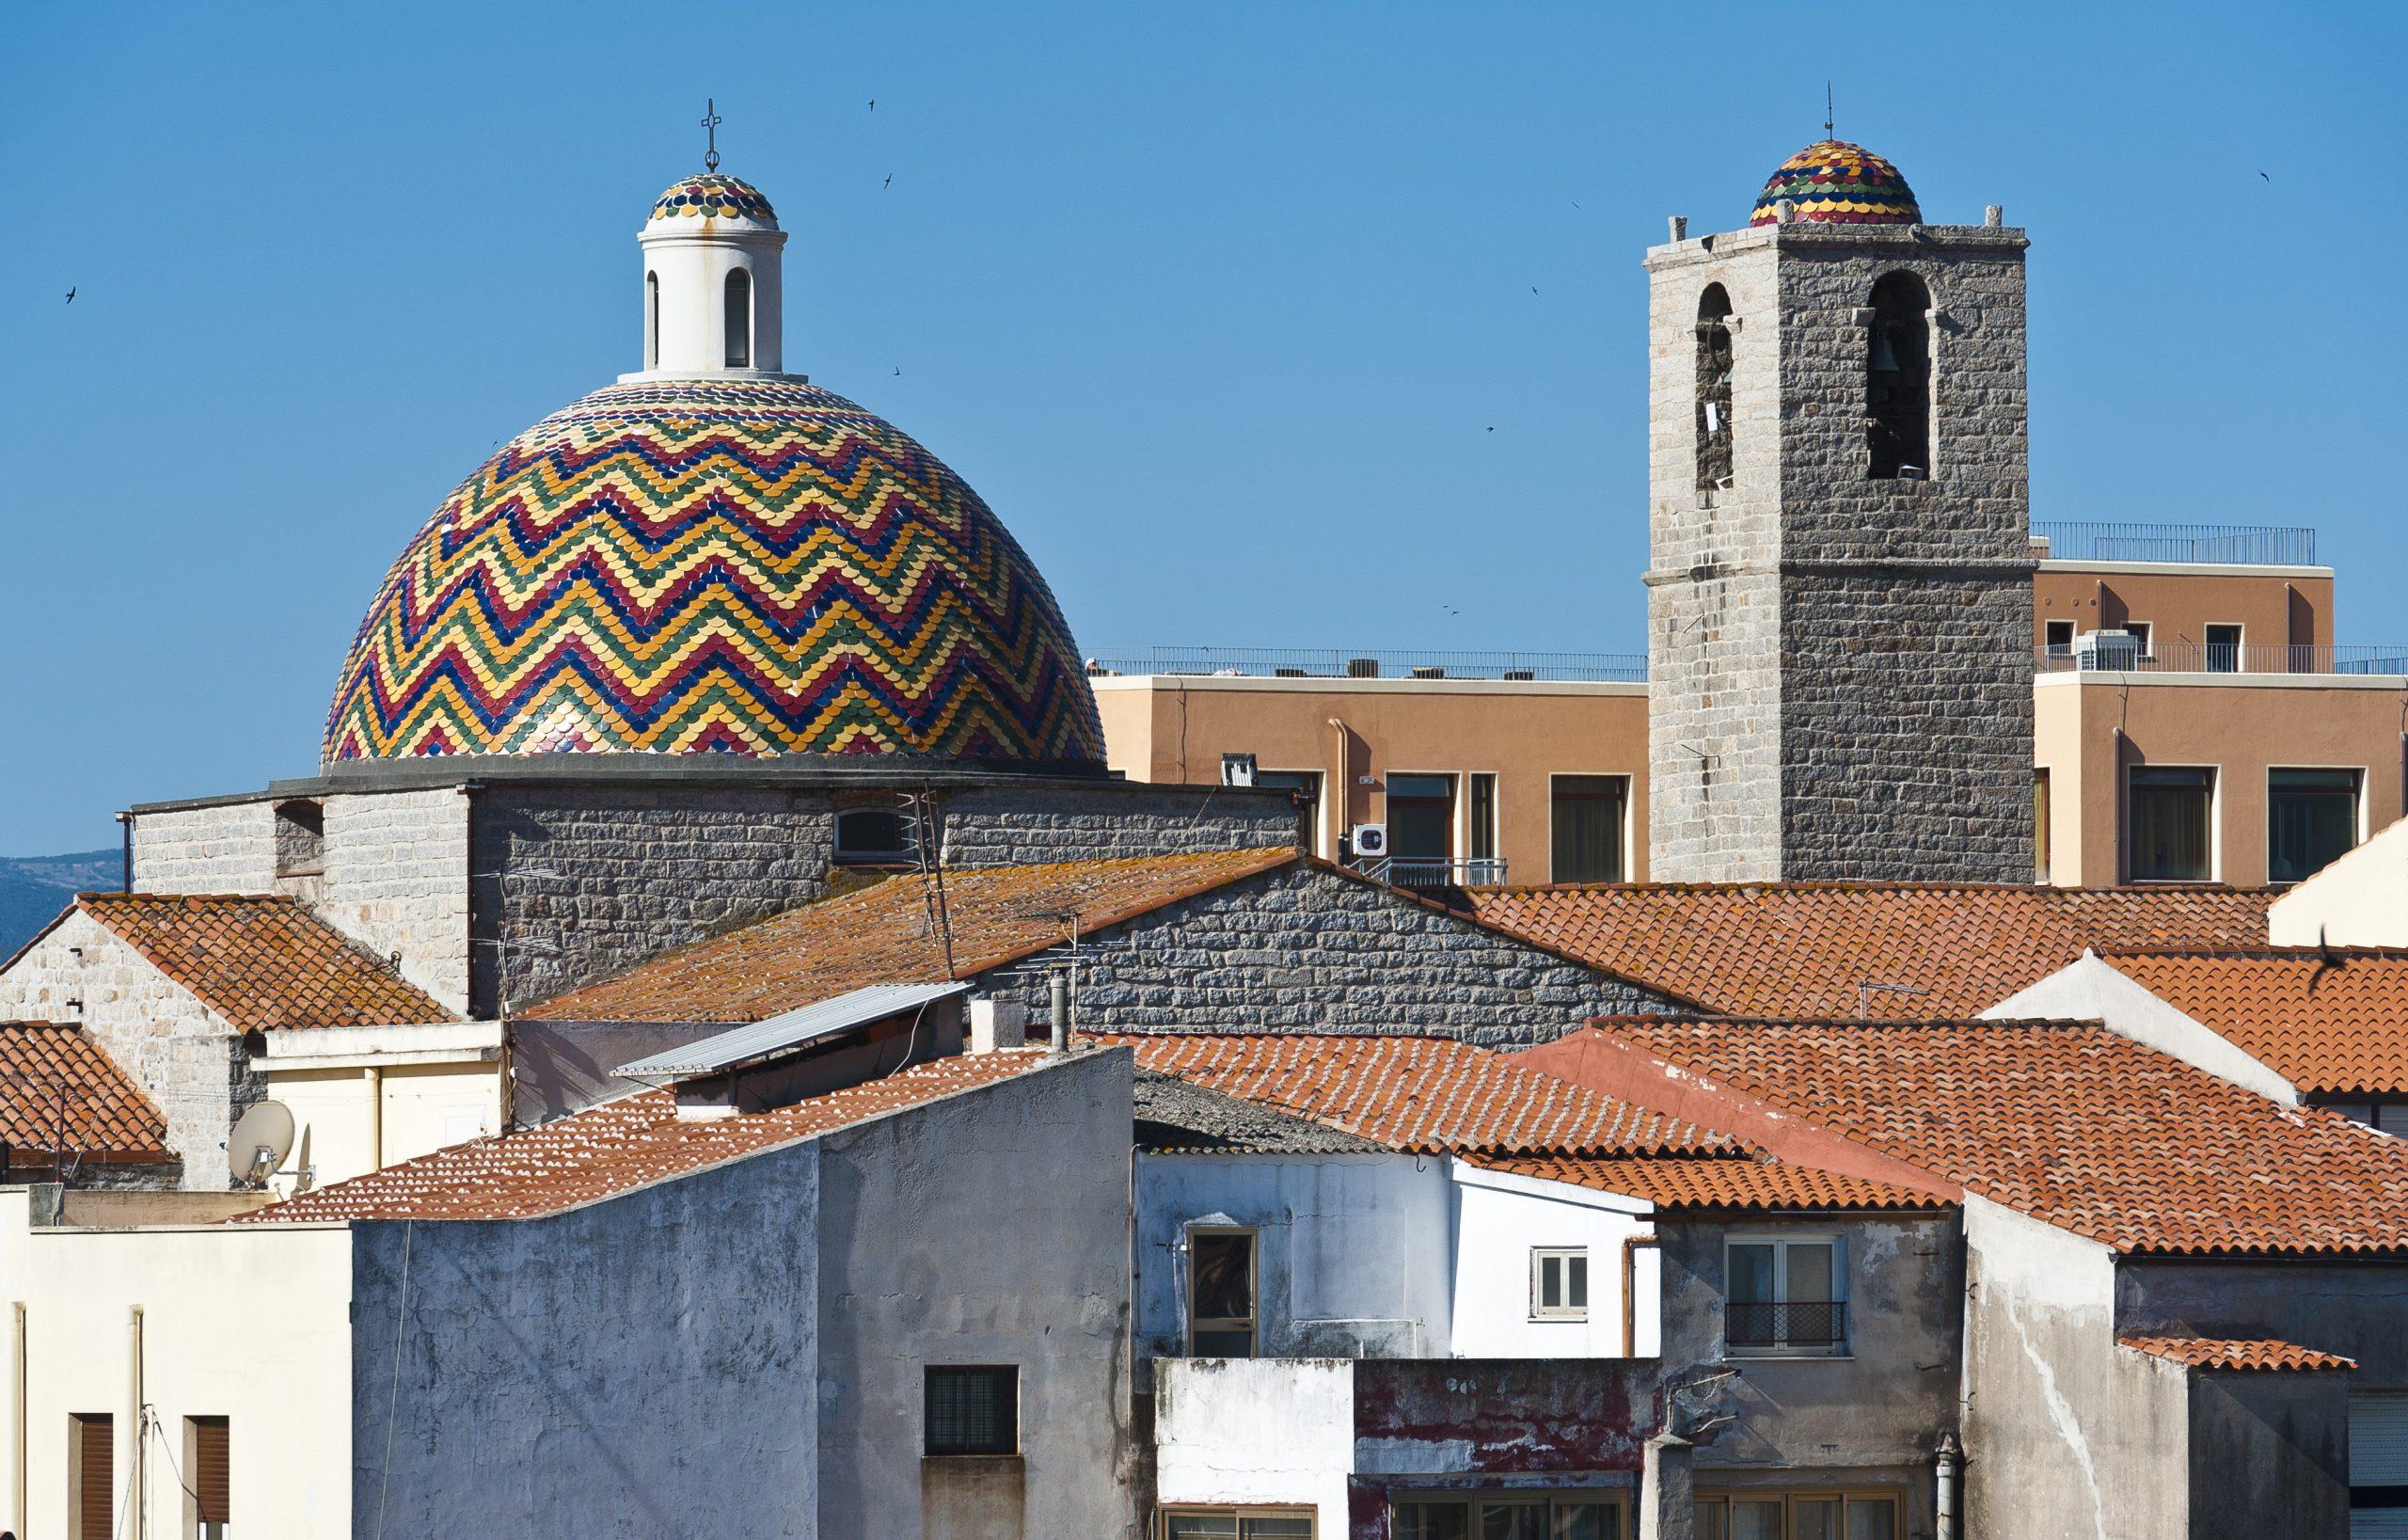 כנסיה בסרדיניה